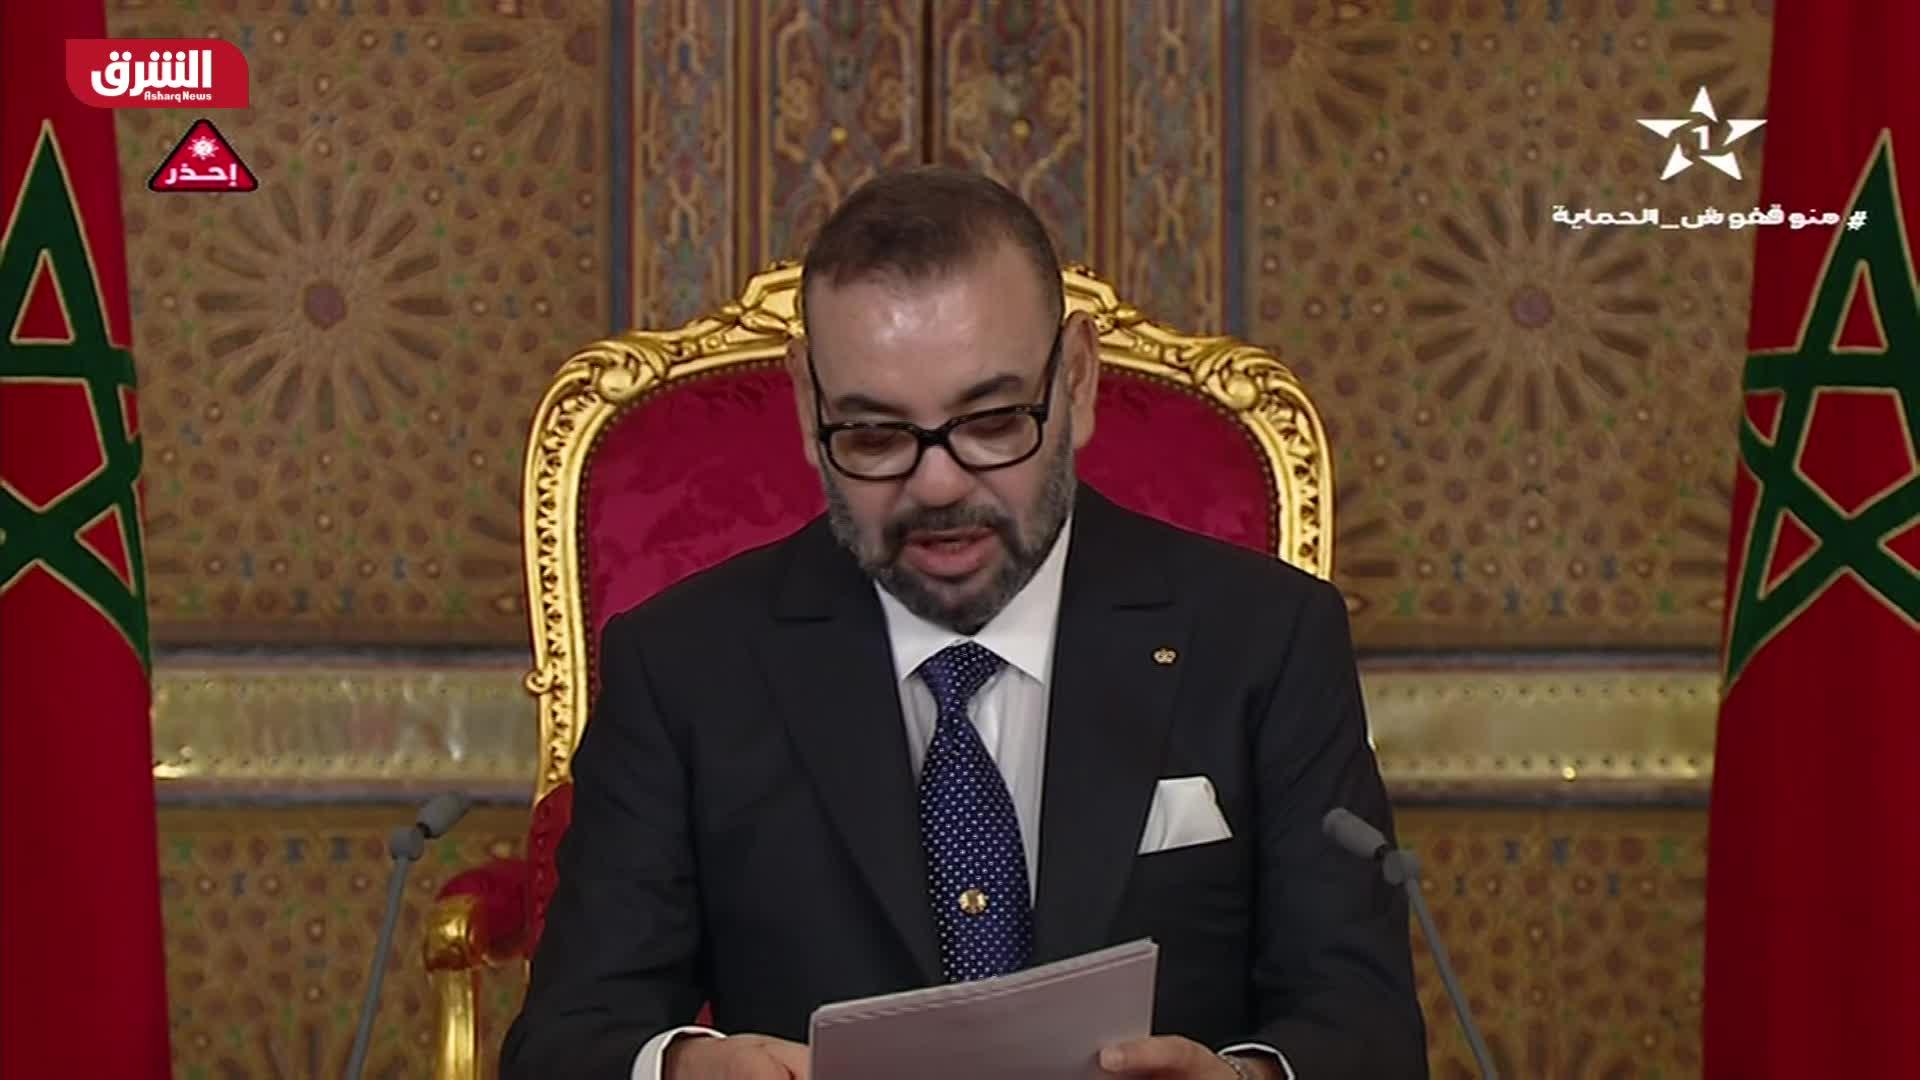 كلمة للعاهل المغربي بمناسبة يوم العرش